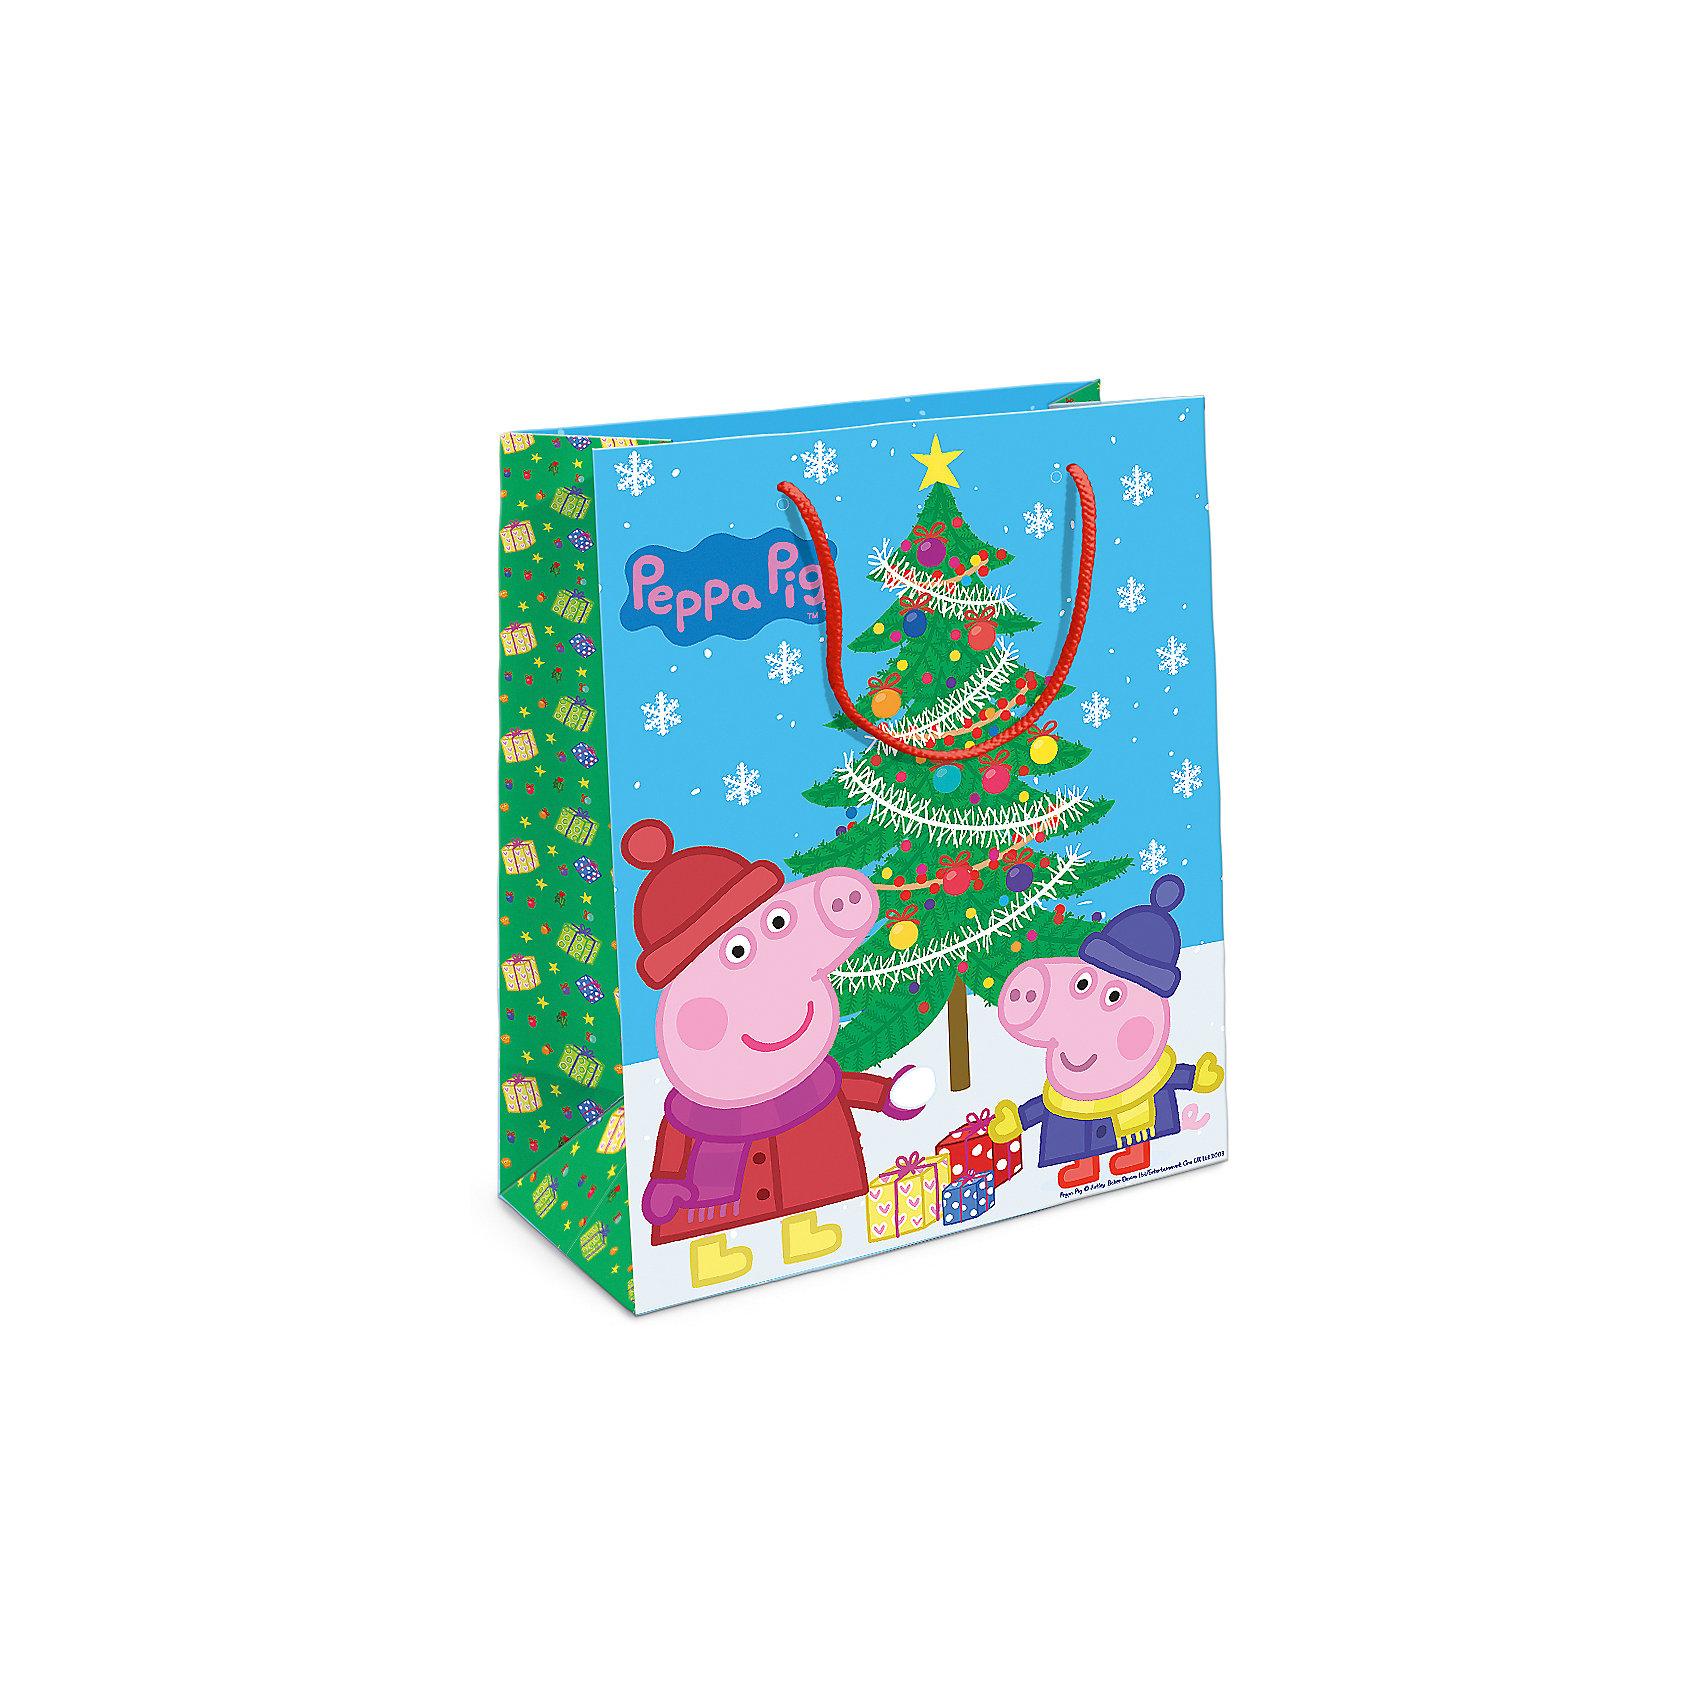 Пакет подарочный Пеппа и елка 230*180*100Всё для праздника<br>Порадуйте малыша новогодним подарком! А красивый подарочный пакет «Пеппа и ёлка» с забавными героями мультфильма «Свинка Пеппа» станет его эффектным дополнением. Размер бумажного подарочного пакета: 23х18х10 см.<br><br>Ширина мм: 230<br>Глубина мм: 180<br>Высота мм: 3<br>Вес г: 41<br>Возраст от месяцев: 36<br>Возраст до месяцев: 120<br>Пол: Унисекс<br>Возраст: Детский<br>SKU: 5016462